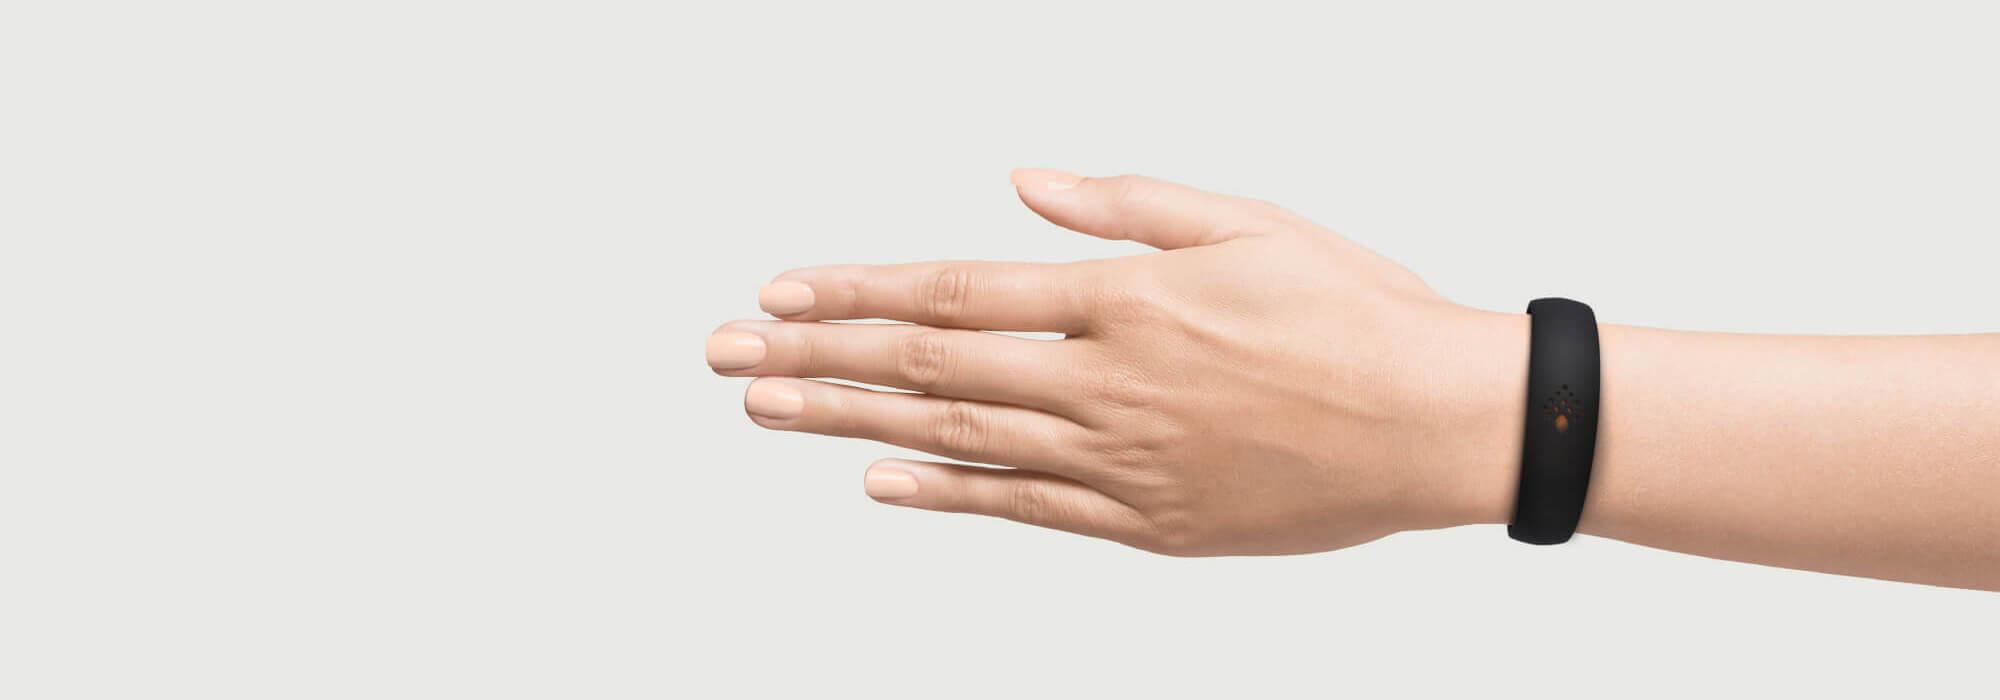 Melna AMBRIO aproce uz sievietes rokas